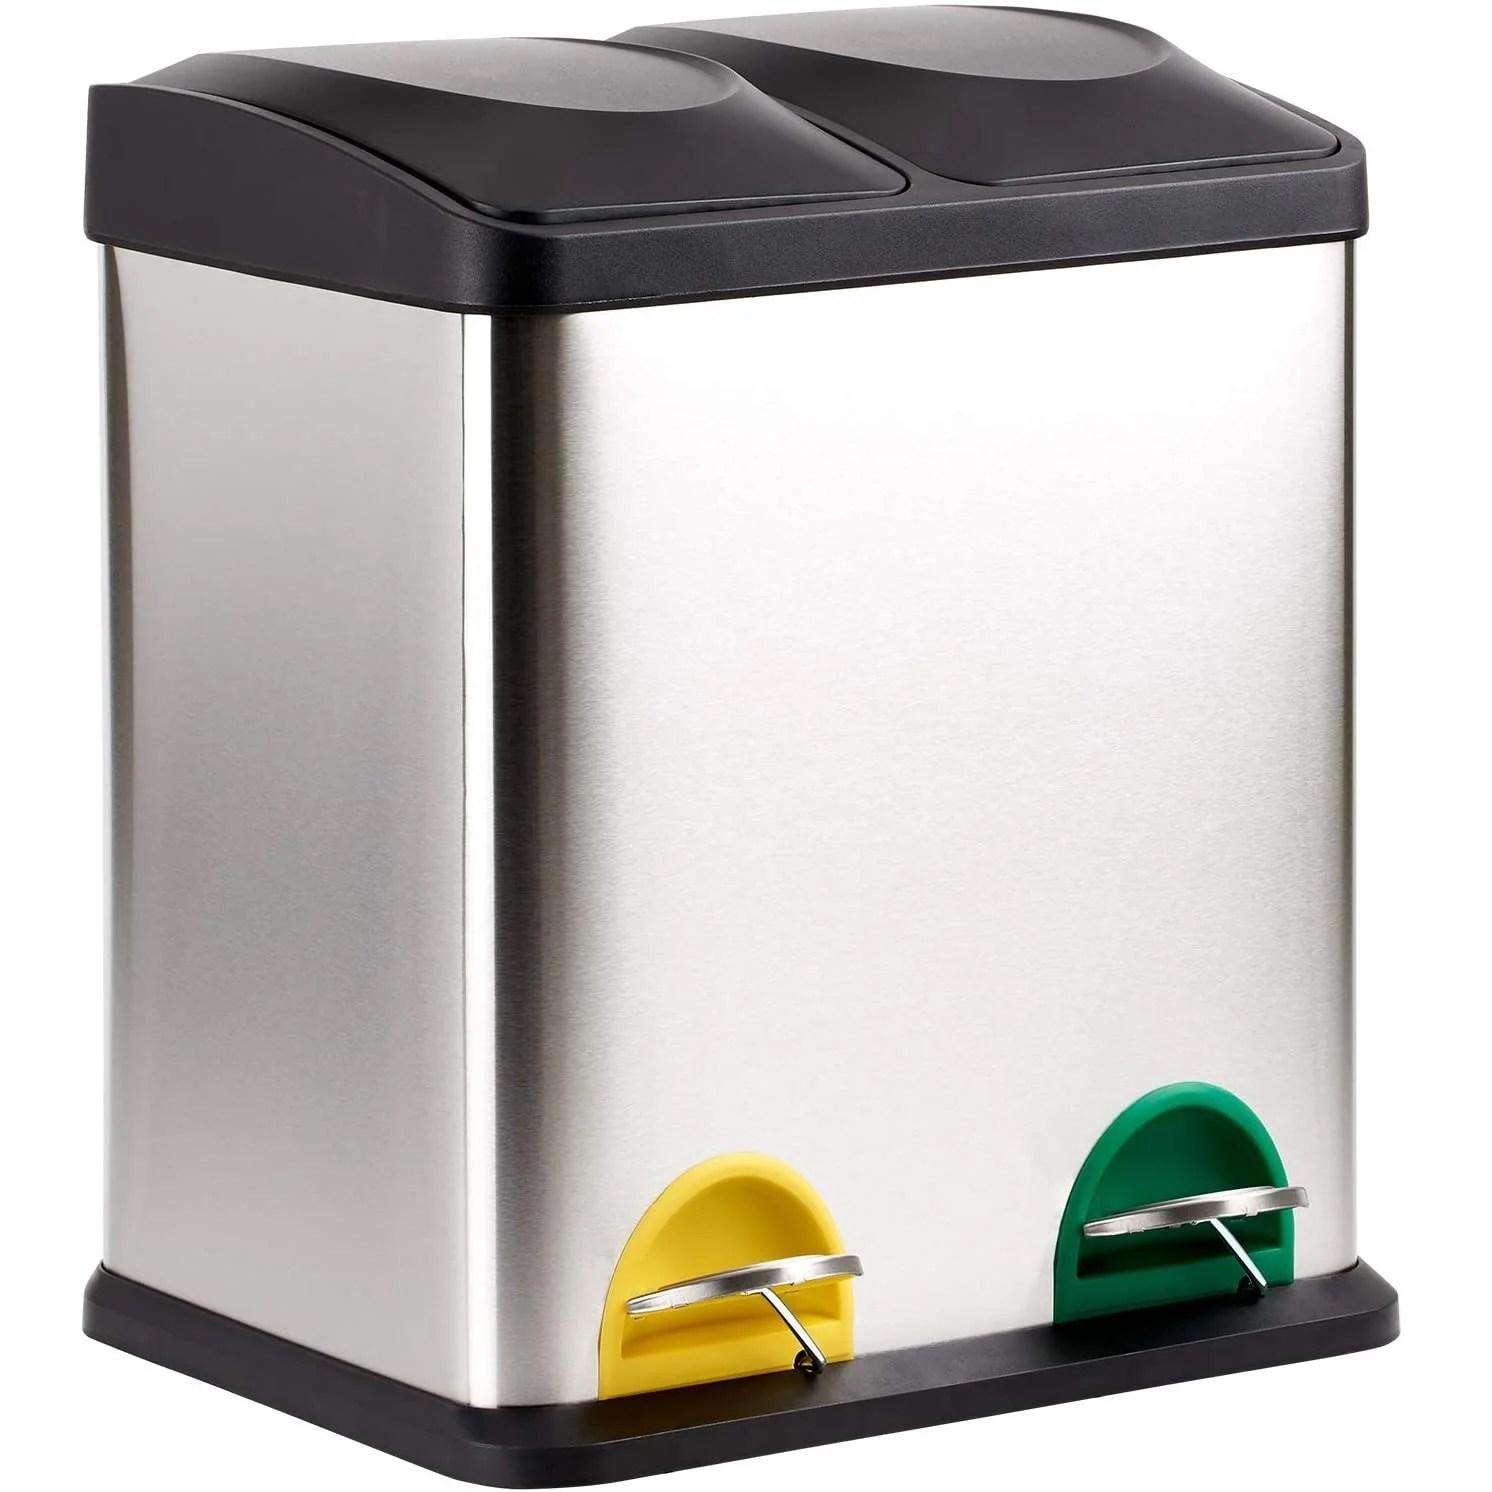 poubelle de cuisine a pedale tri selectif 40l 2x20l zoe en acier inox avec seau